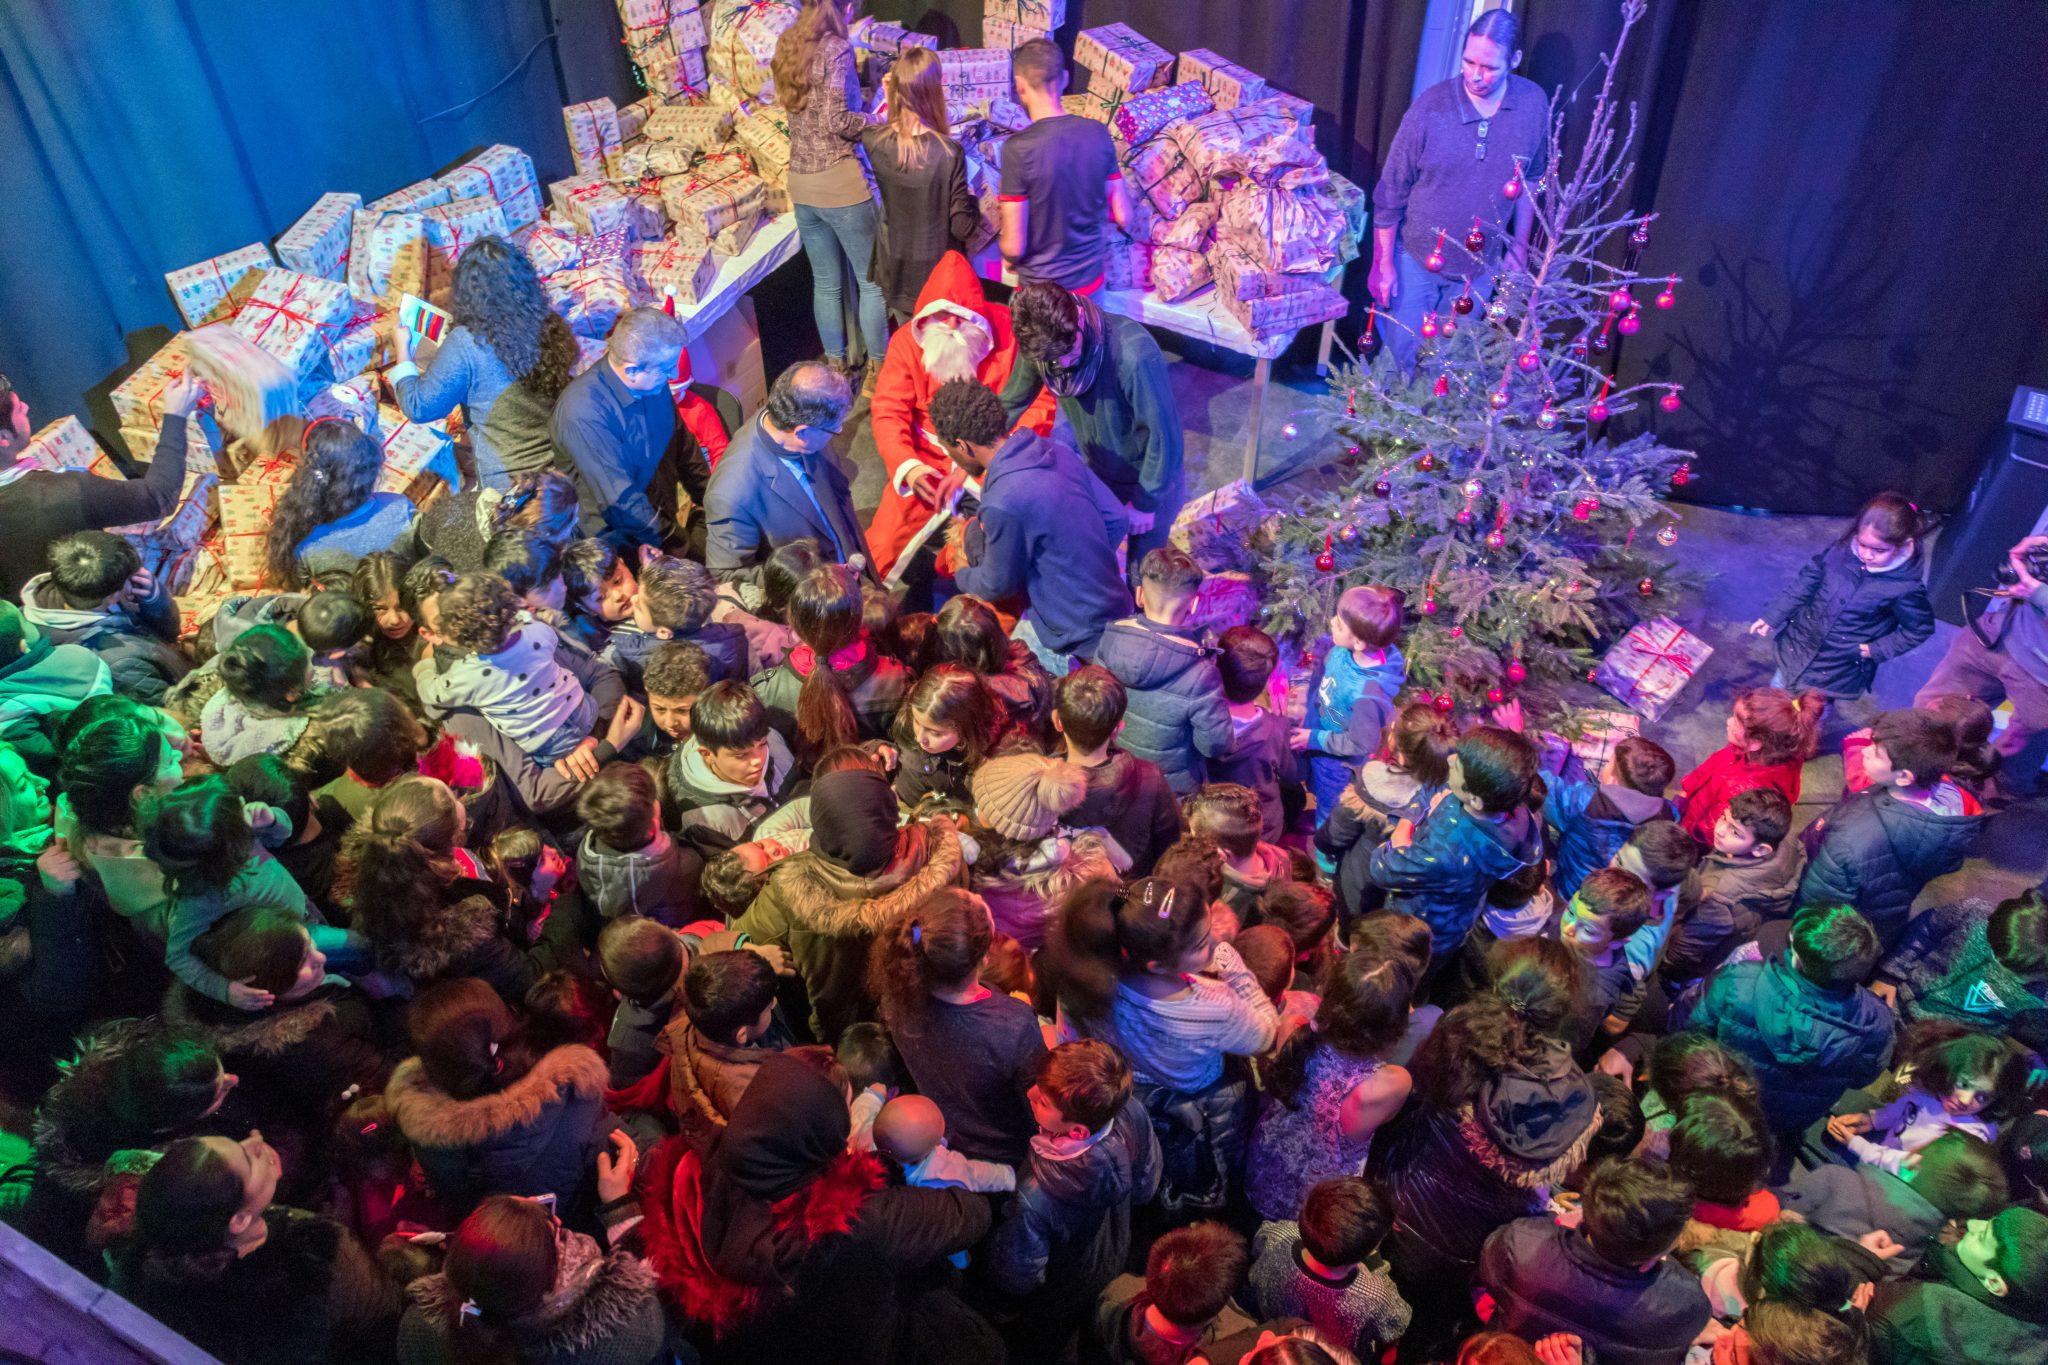 Geschenkaktion Für Geflüchtete Kinder